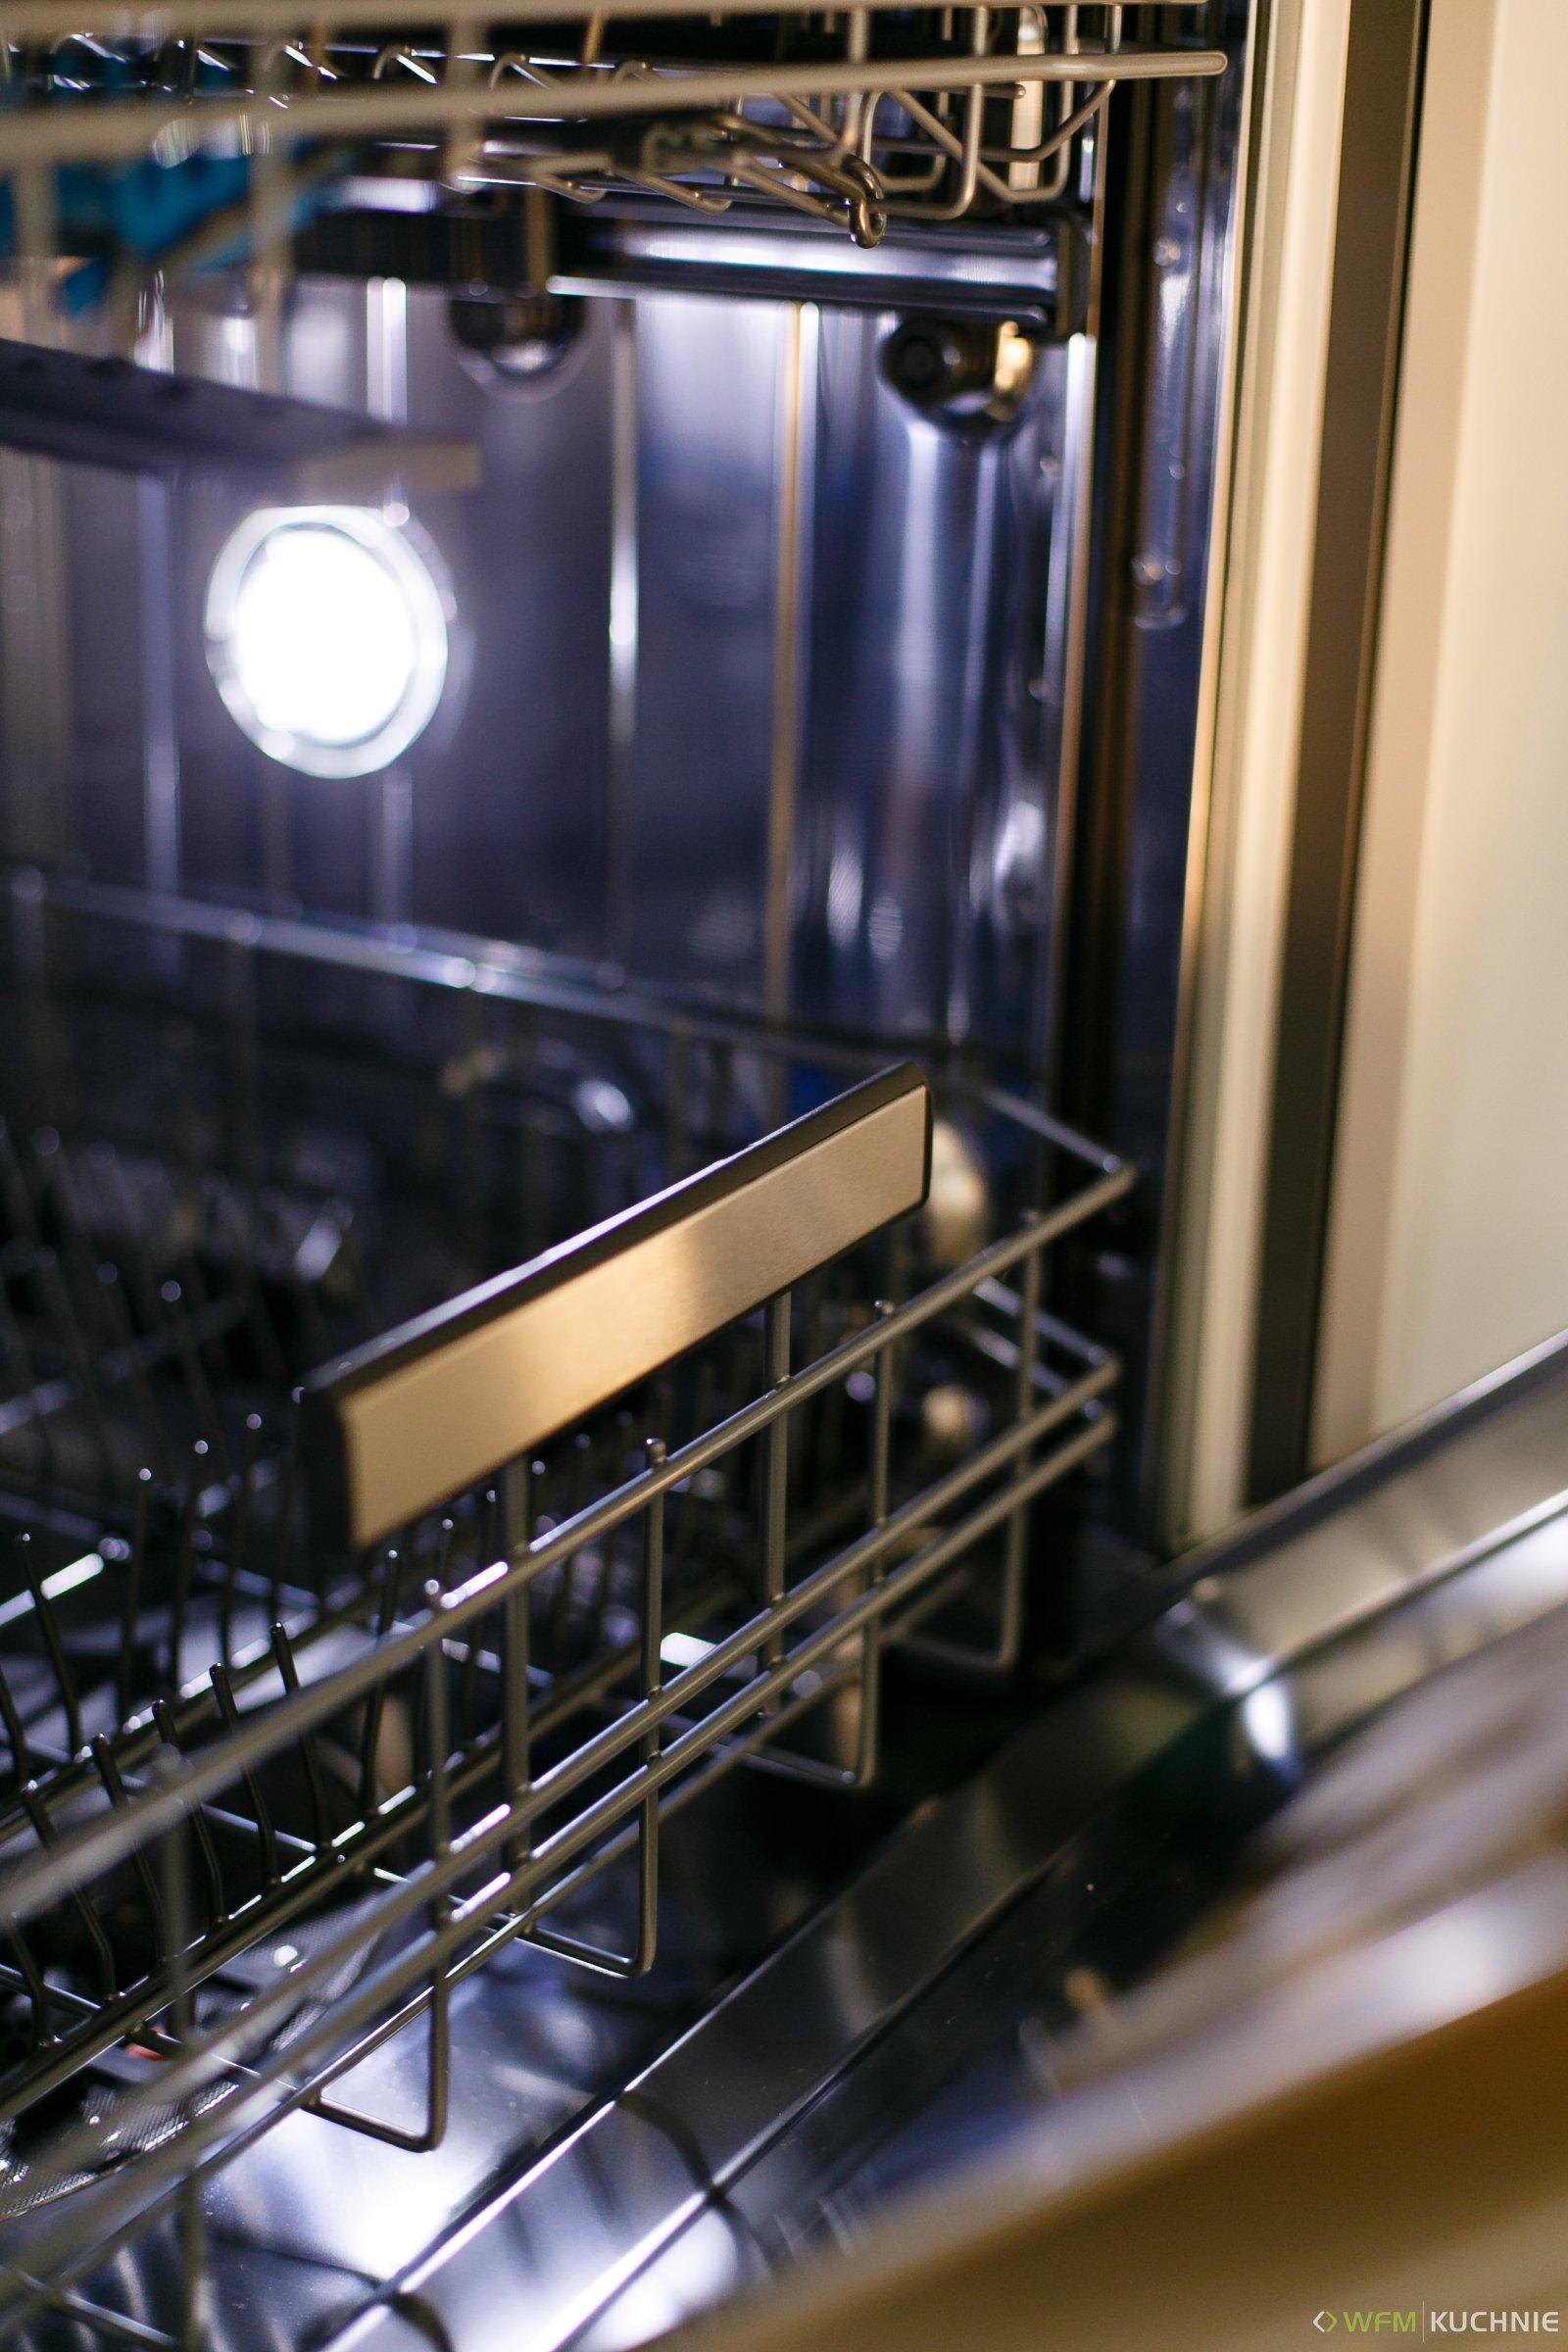 Kuchnie na wymiar WFM CALMA jasny szary mat M122 - Meble kuchenne Kraków - WFM KUCHNIE Kraków